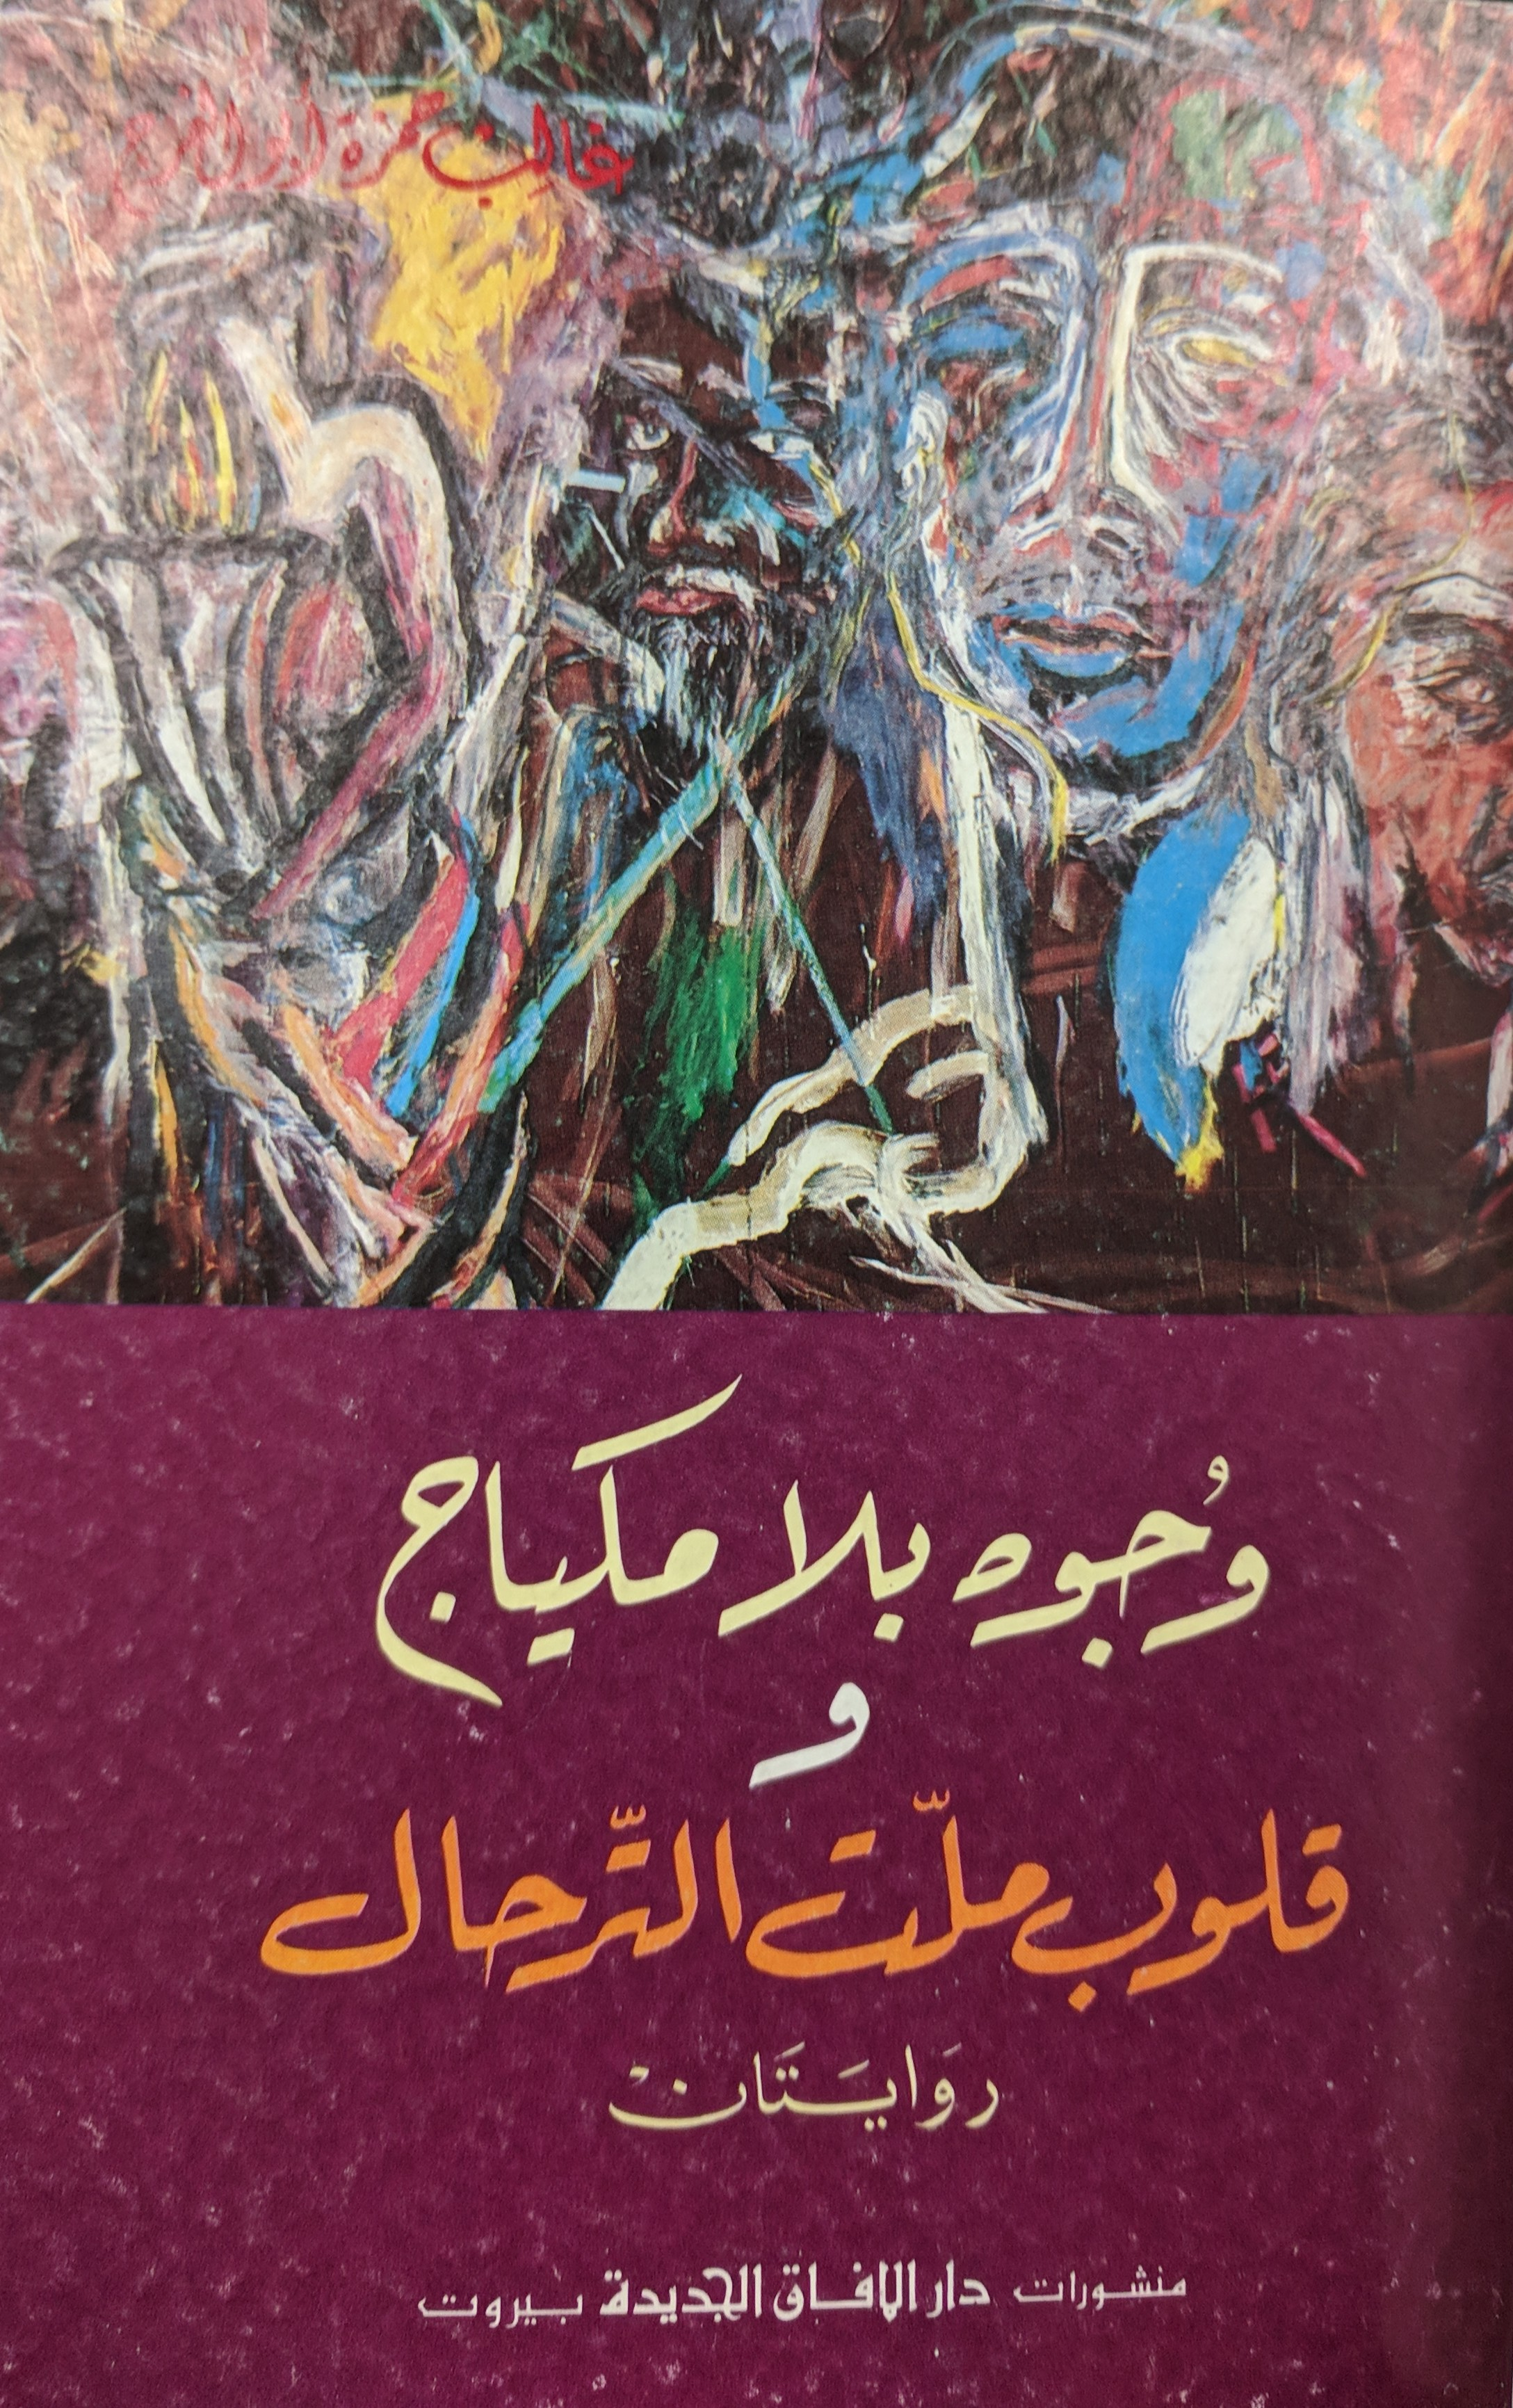 Ghālib Ḥamzah Abū al-Faraj,  Wujūh bi-lā makyāj ; wa, Qulūb mallat al-tirḥāl : rīwayatān (Bayrūt: Dār al-Āfāq al-Jadīdah, 1985)